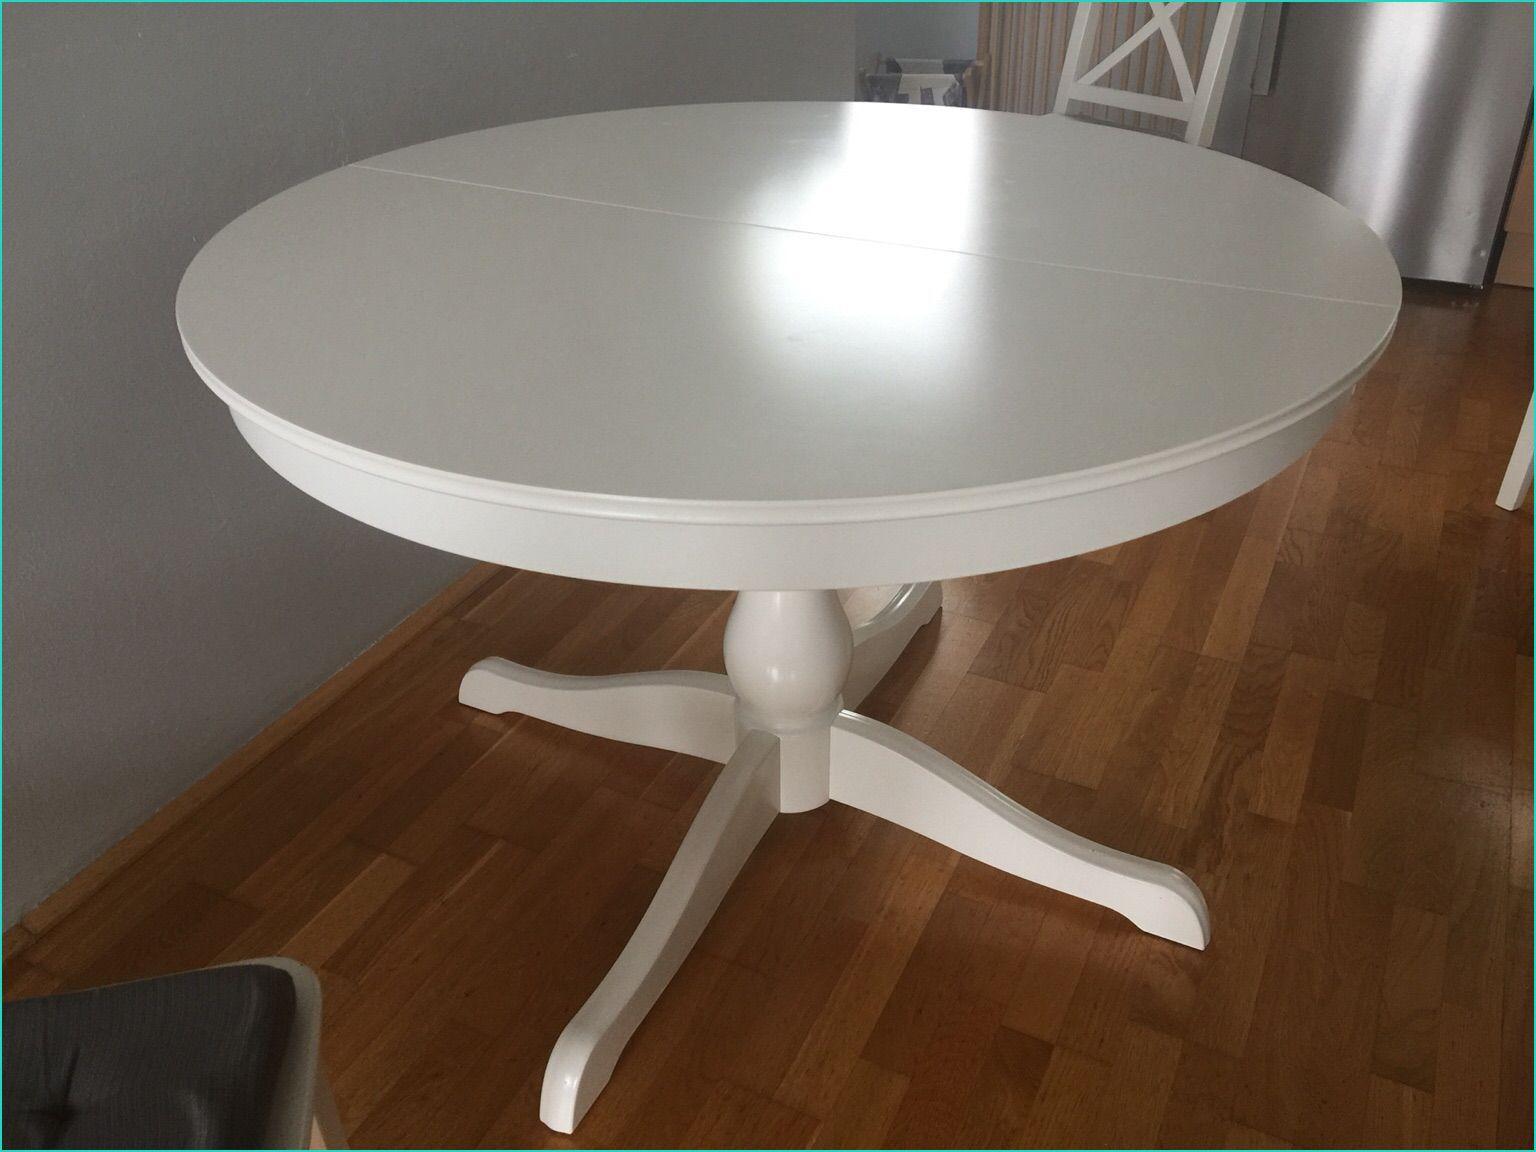 19 Hervorragend Tisch Rund Ausziehbar Ikea Esstisch Esstisch Rund Ikea Esstisch Rund Weiss